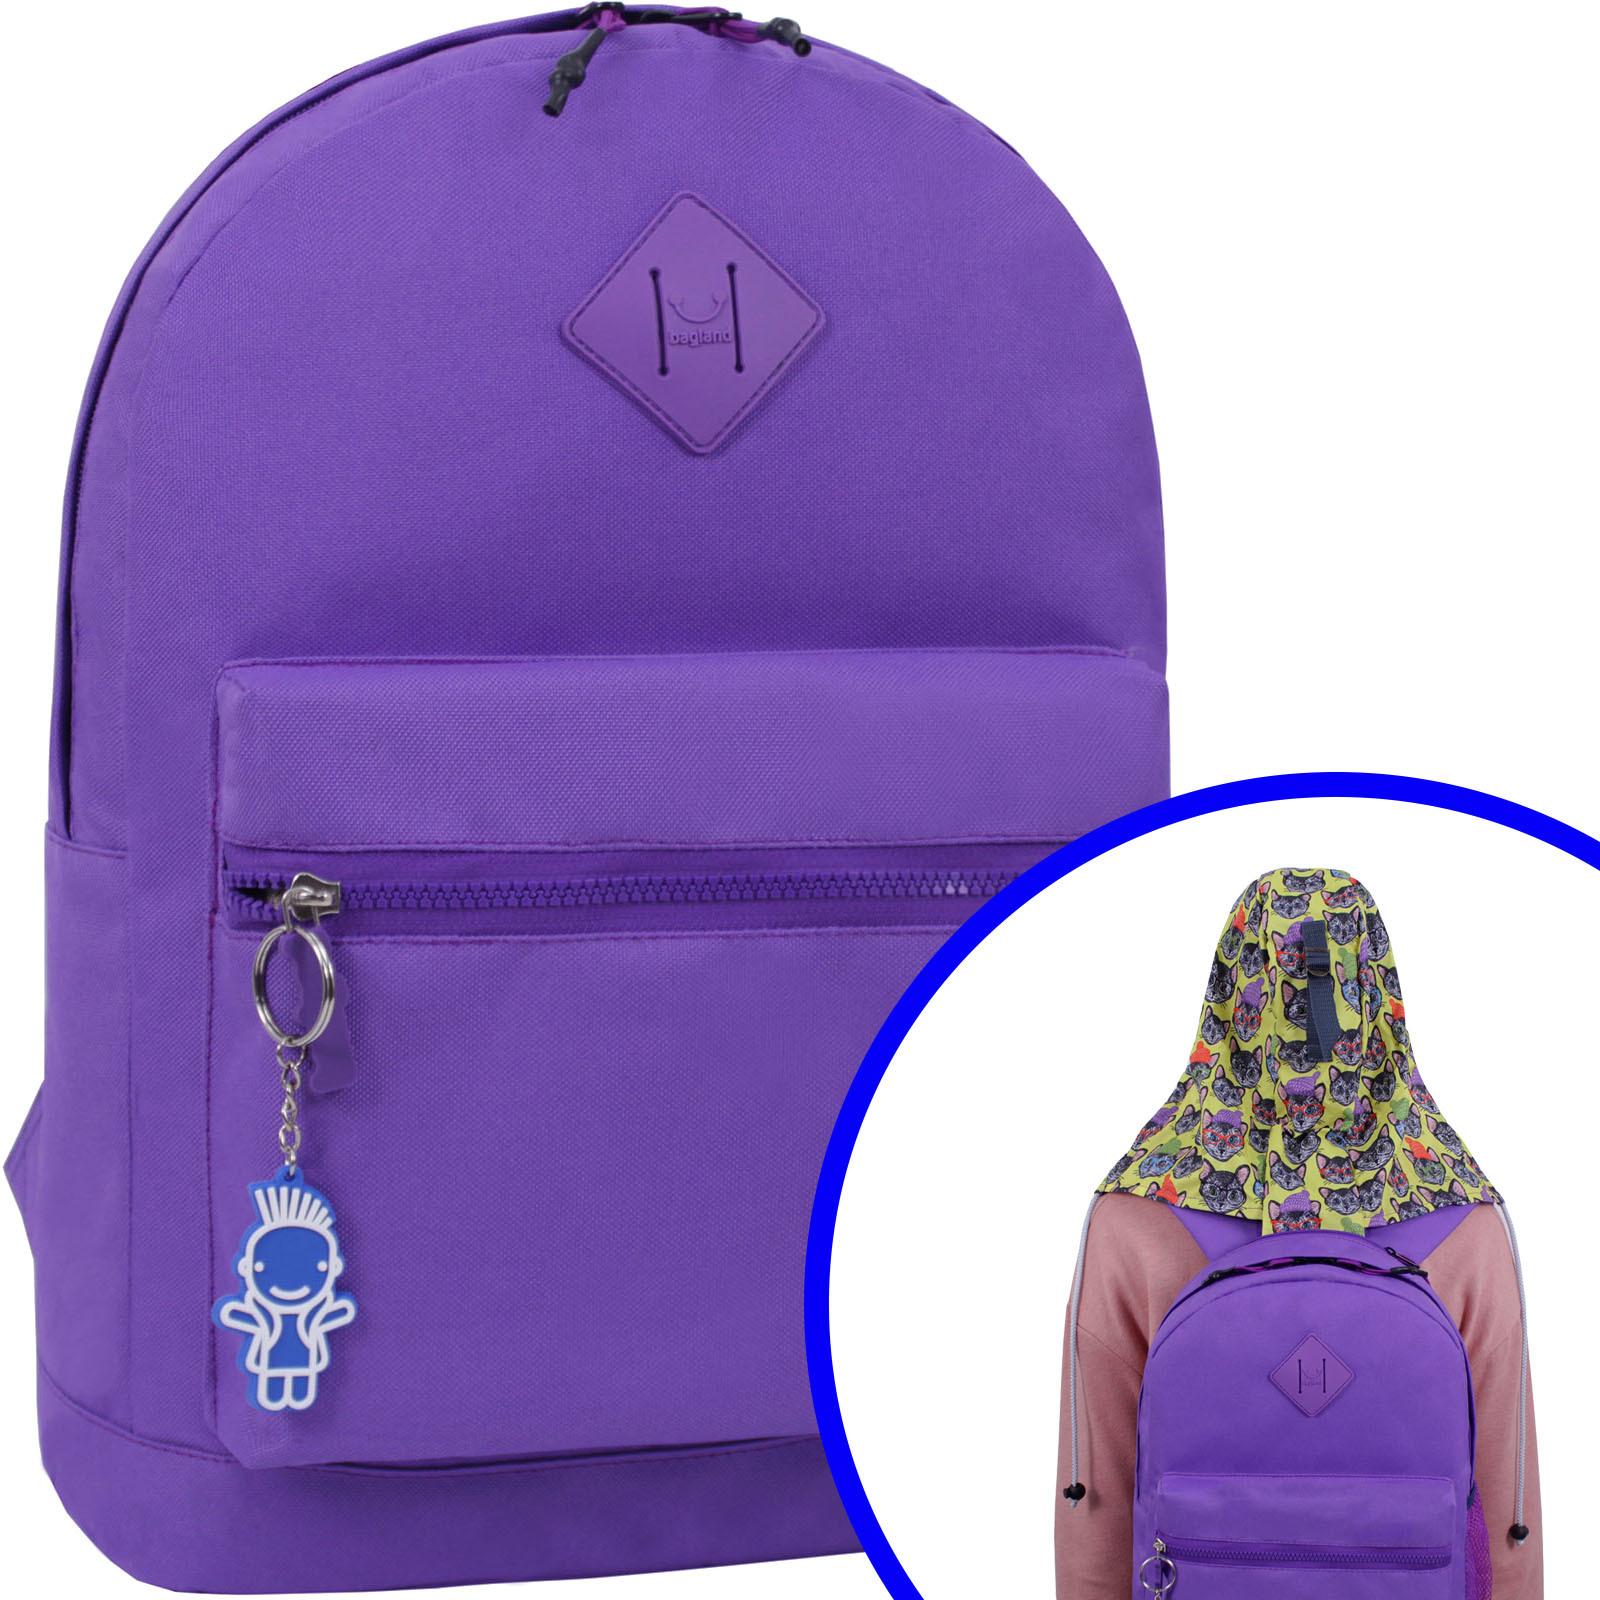 Городские рюкзаки Рюкзак Bagland Hood W/R 17 л. фиолетовый 469 (0054466) Вариант_6.jpg